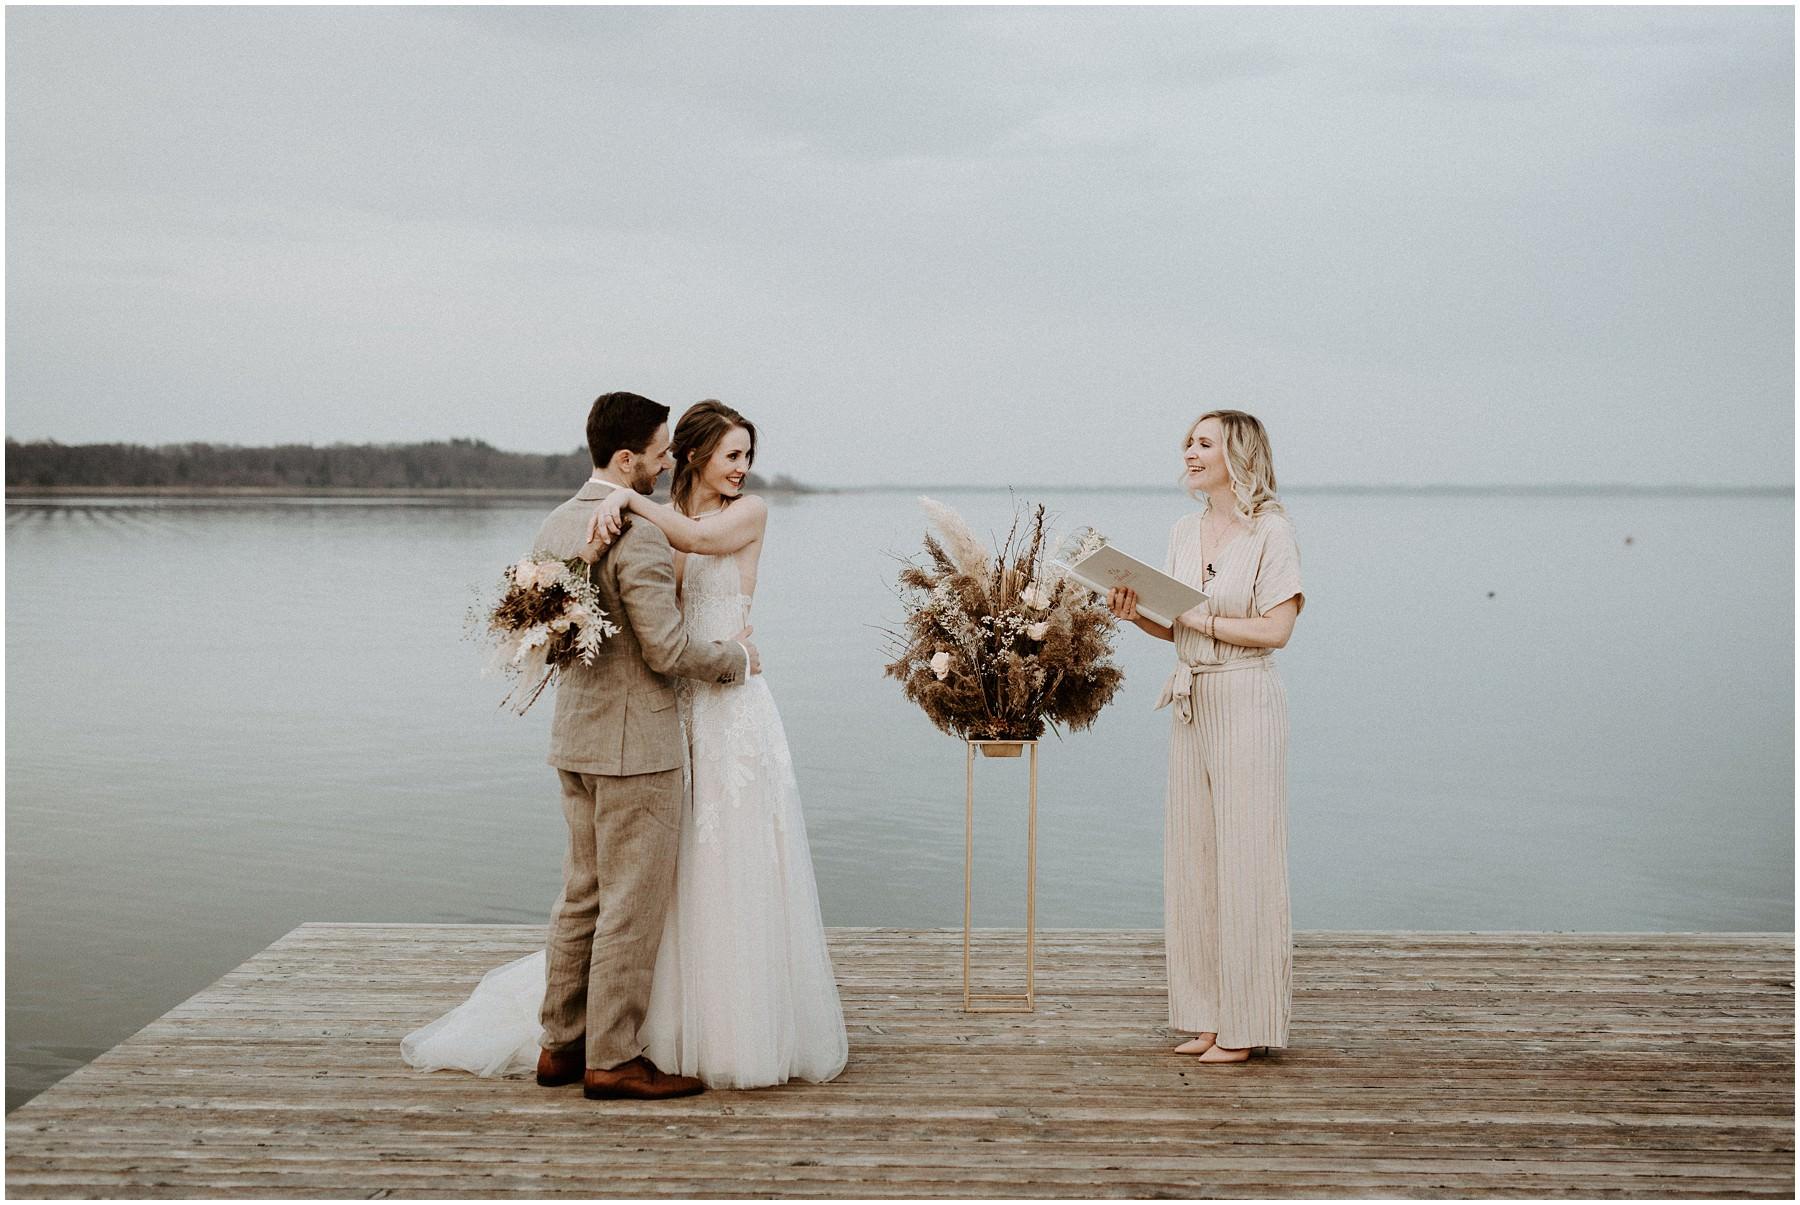 Hochzeitsfotografin Michèle Schiermann München Sallers Badehaus Chiemsee